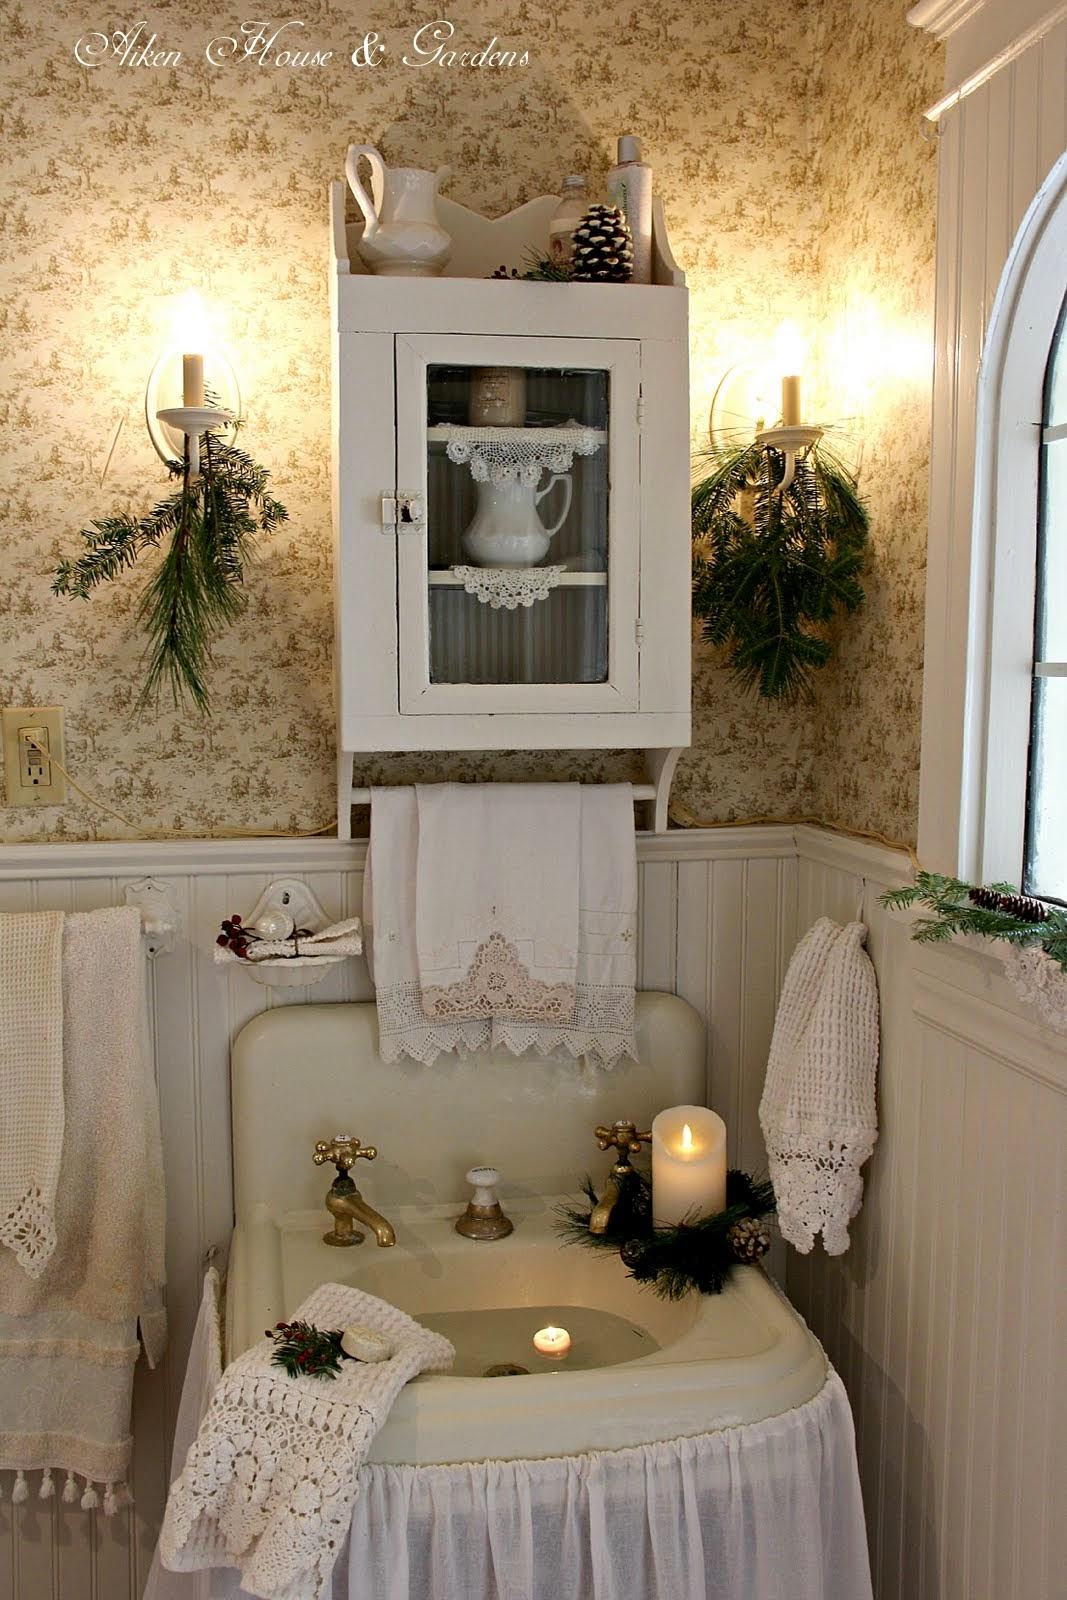 Aiken House & Gardens: Our Bathroom At Christmas